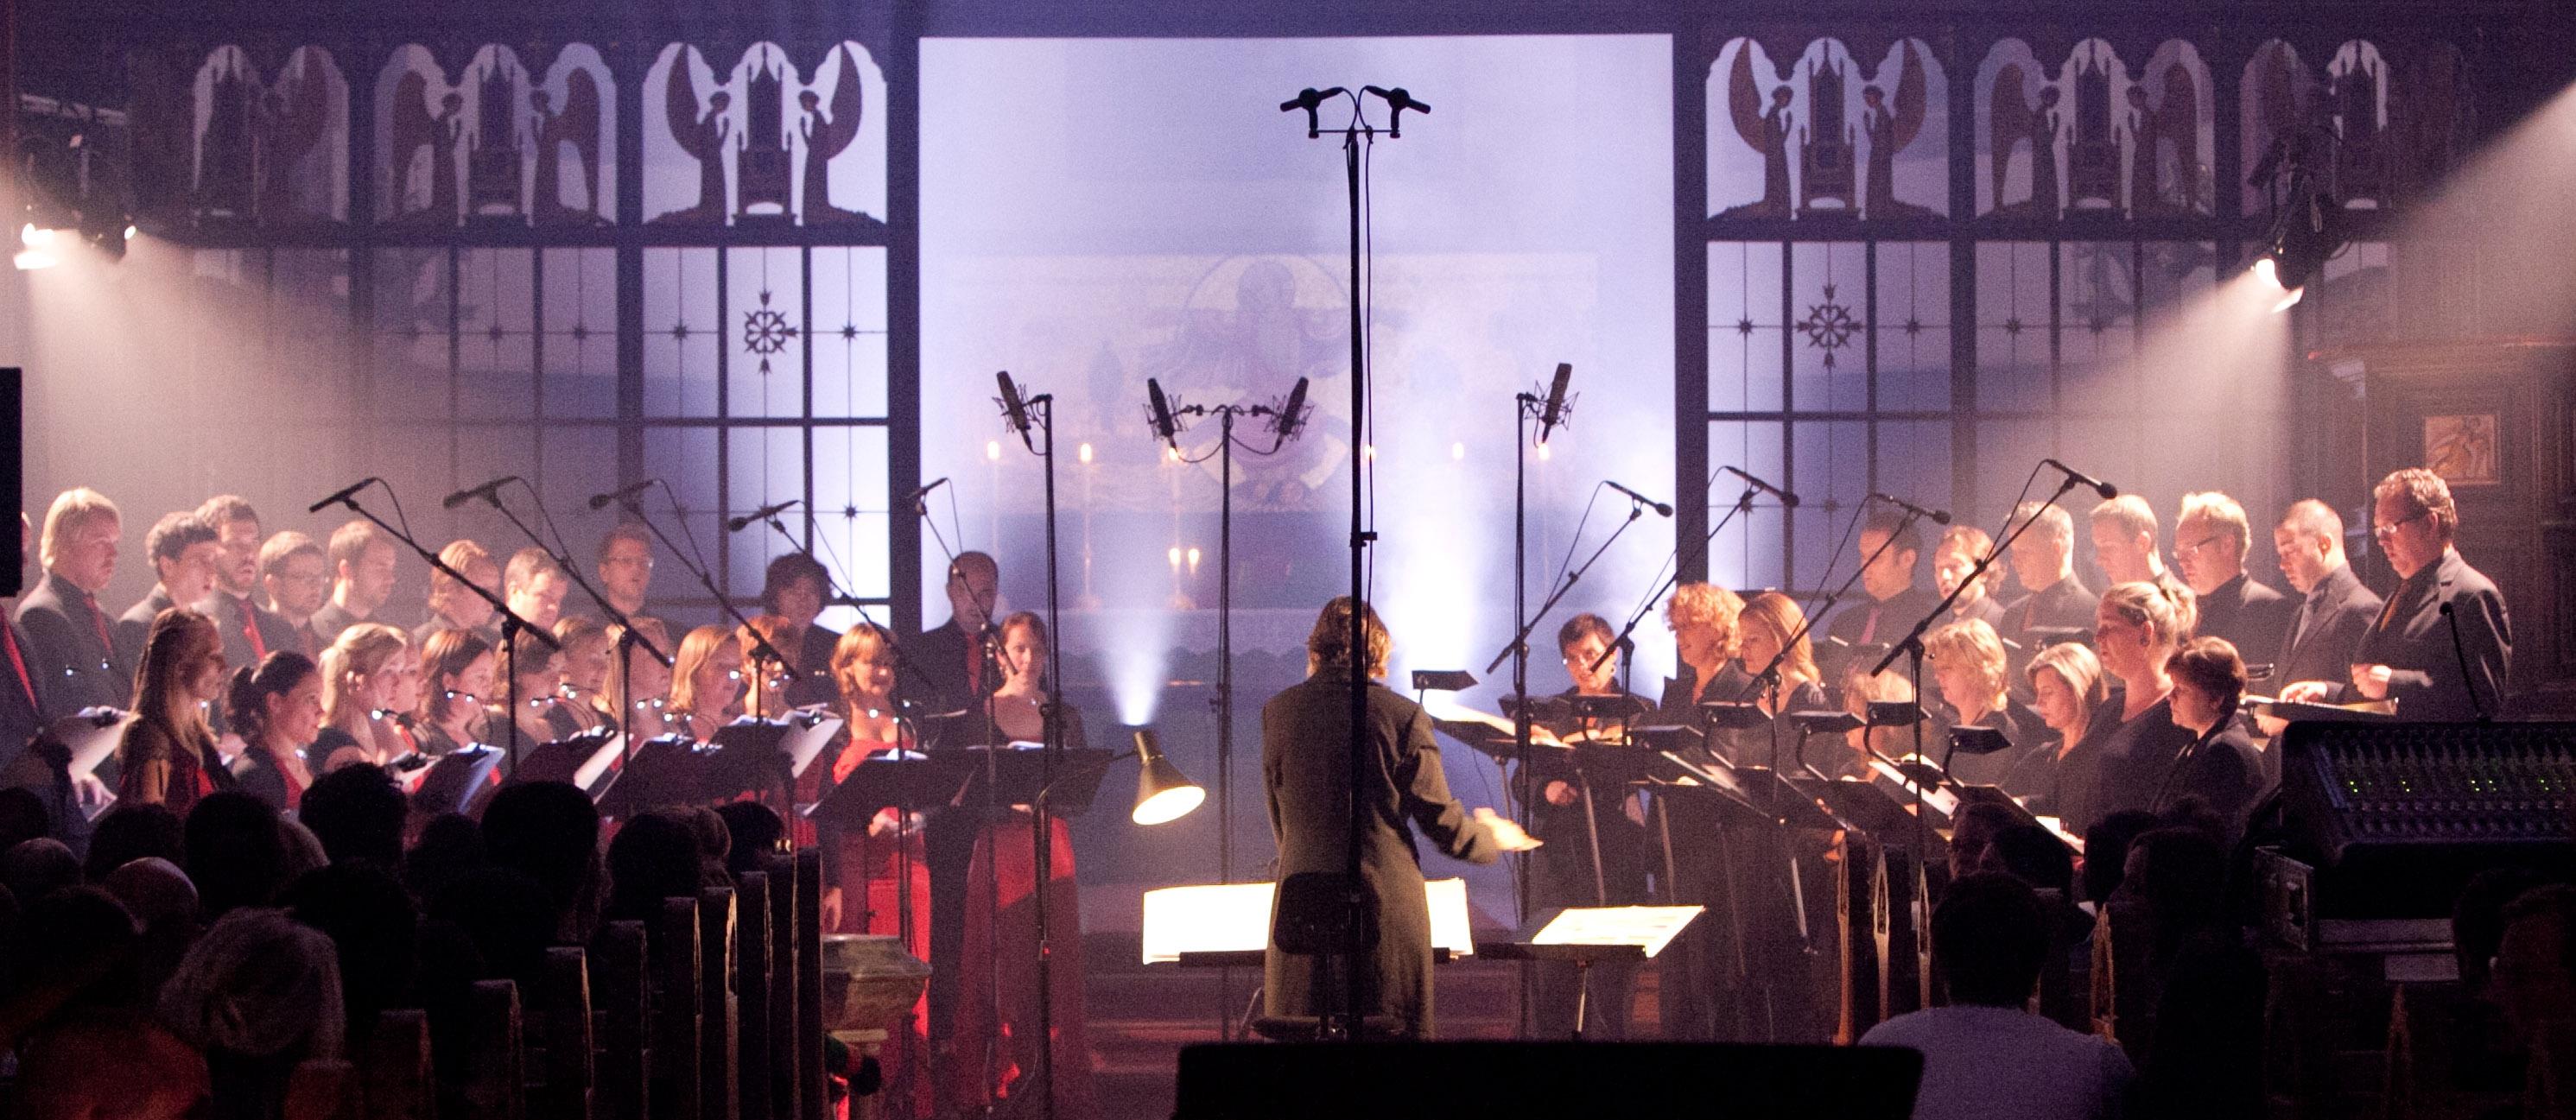 Det Norske Solistkor and Nederlands Kamerkoor perform at Tenso Days 2010 in Oslo